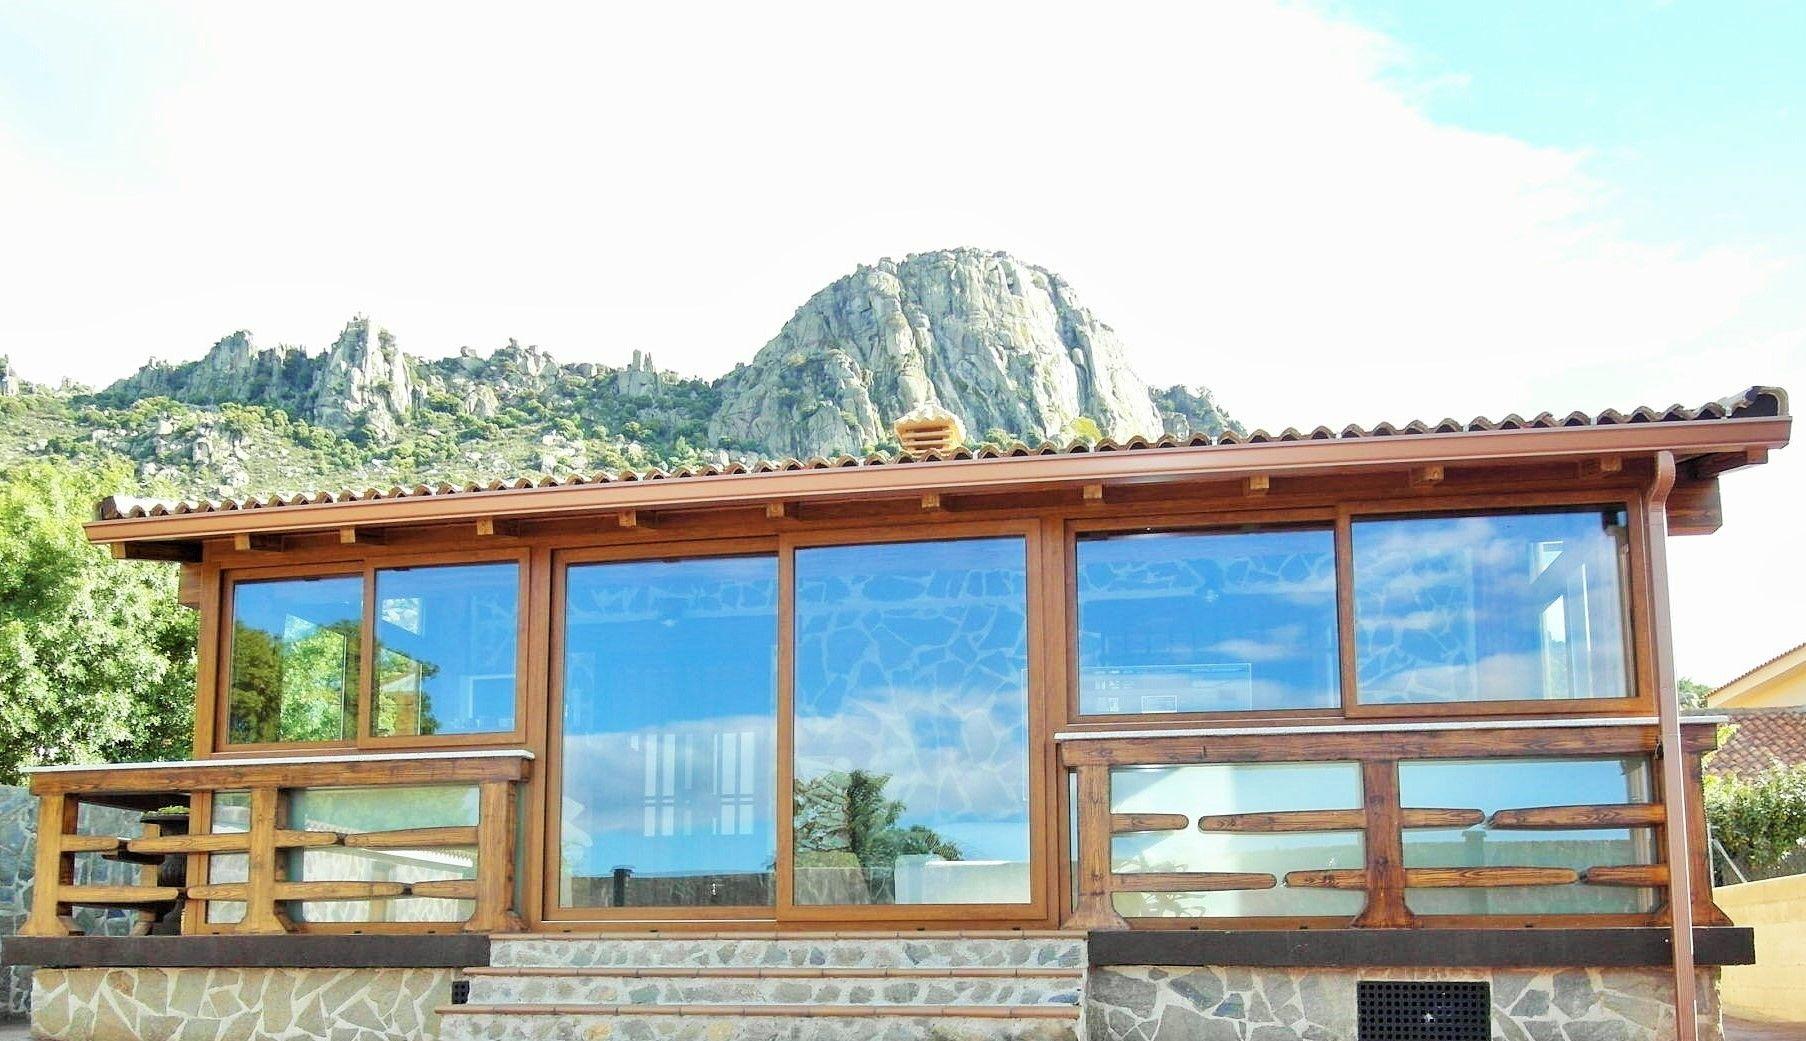 Una de nuestras casas prefabricadas en la sierra madrile a - Casas de acero prefabricadas ...